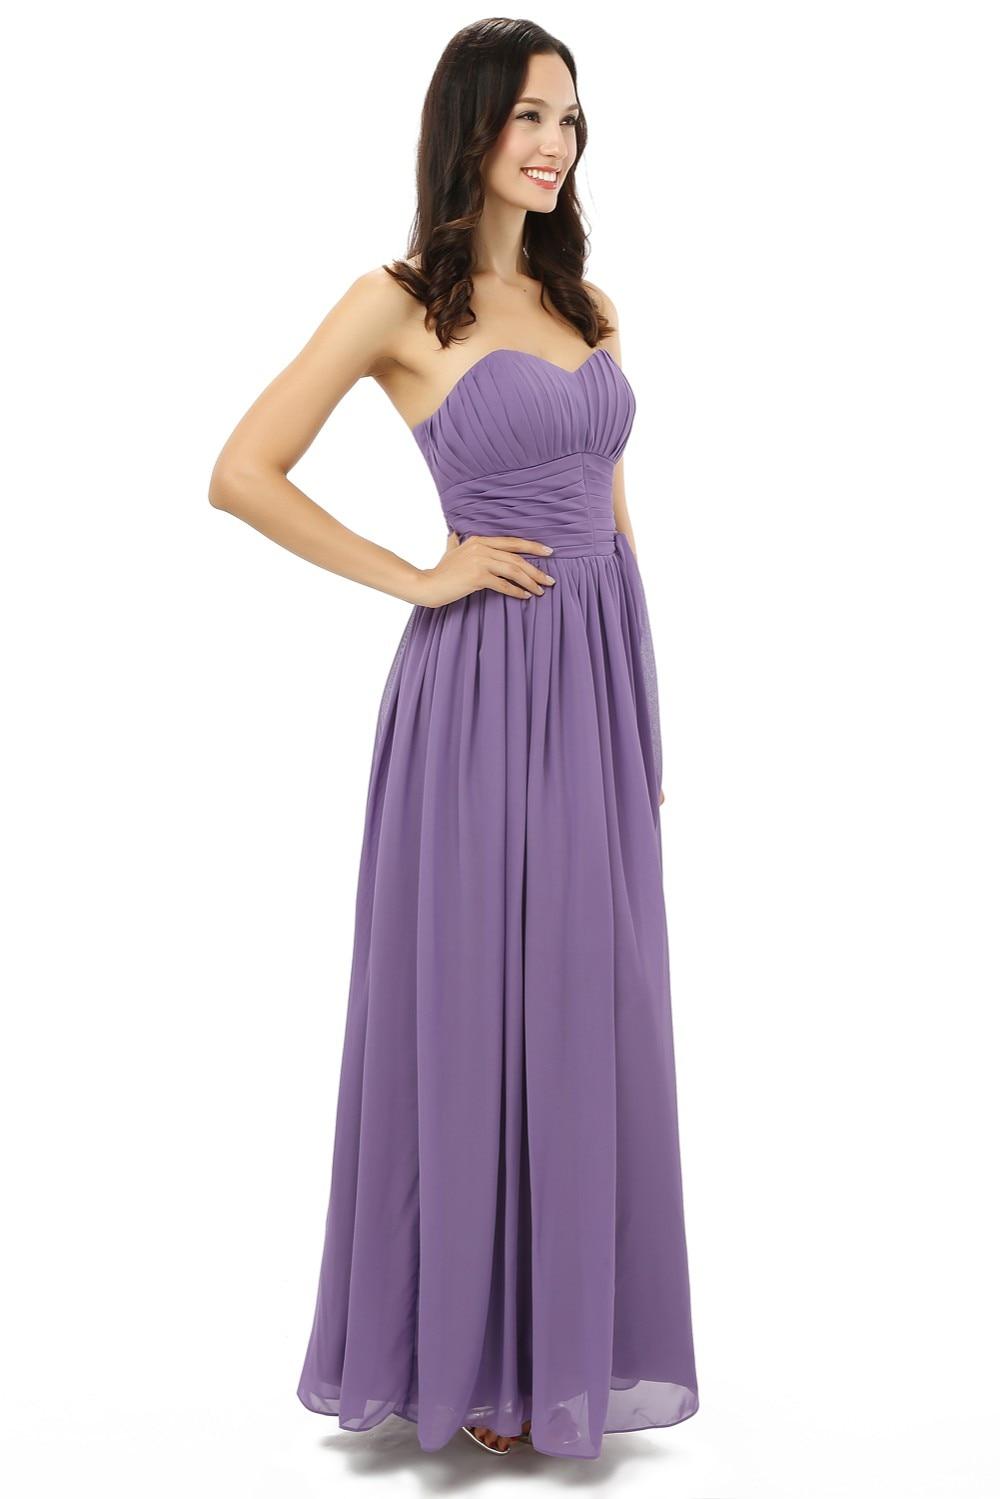 Nouveau 2019 robes de demoiselle d'honneur pas cher moins de 50 a-ligne chérie longueur de plancher en mousseline de soie violet clair robes de fête de mariage - 4